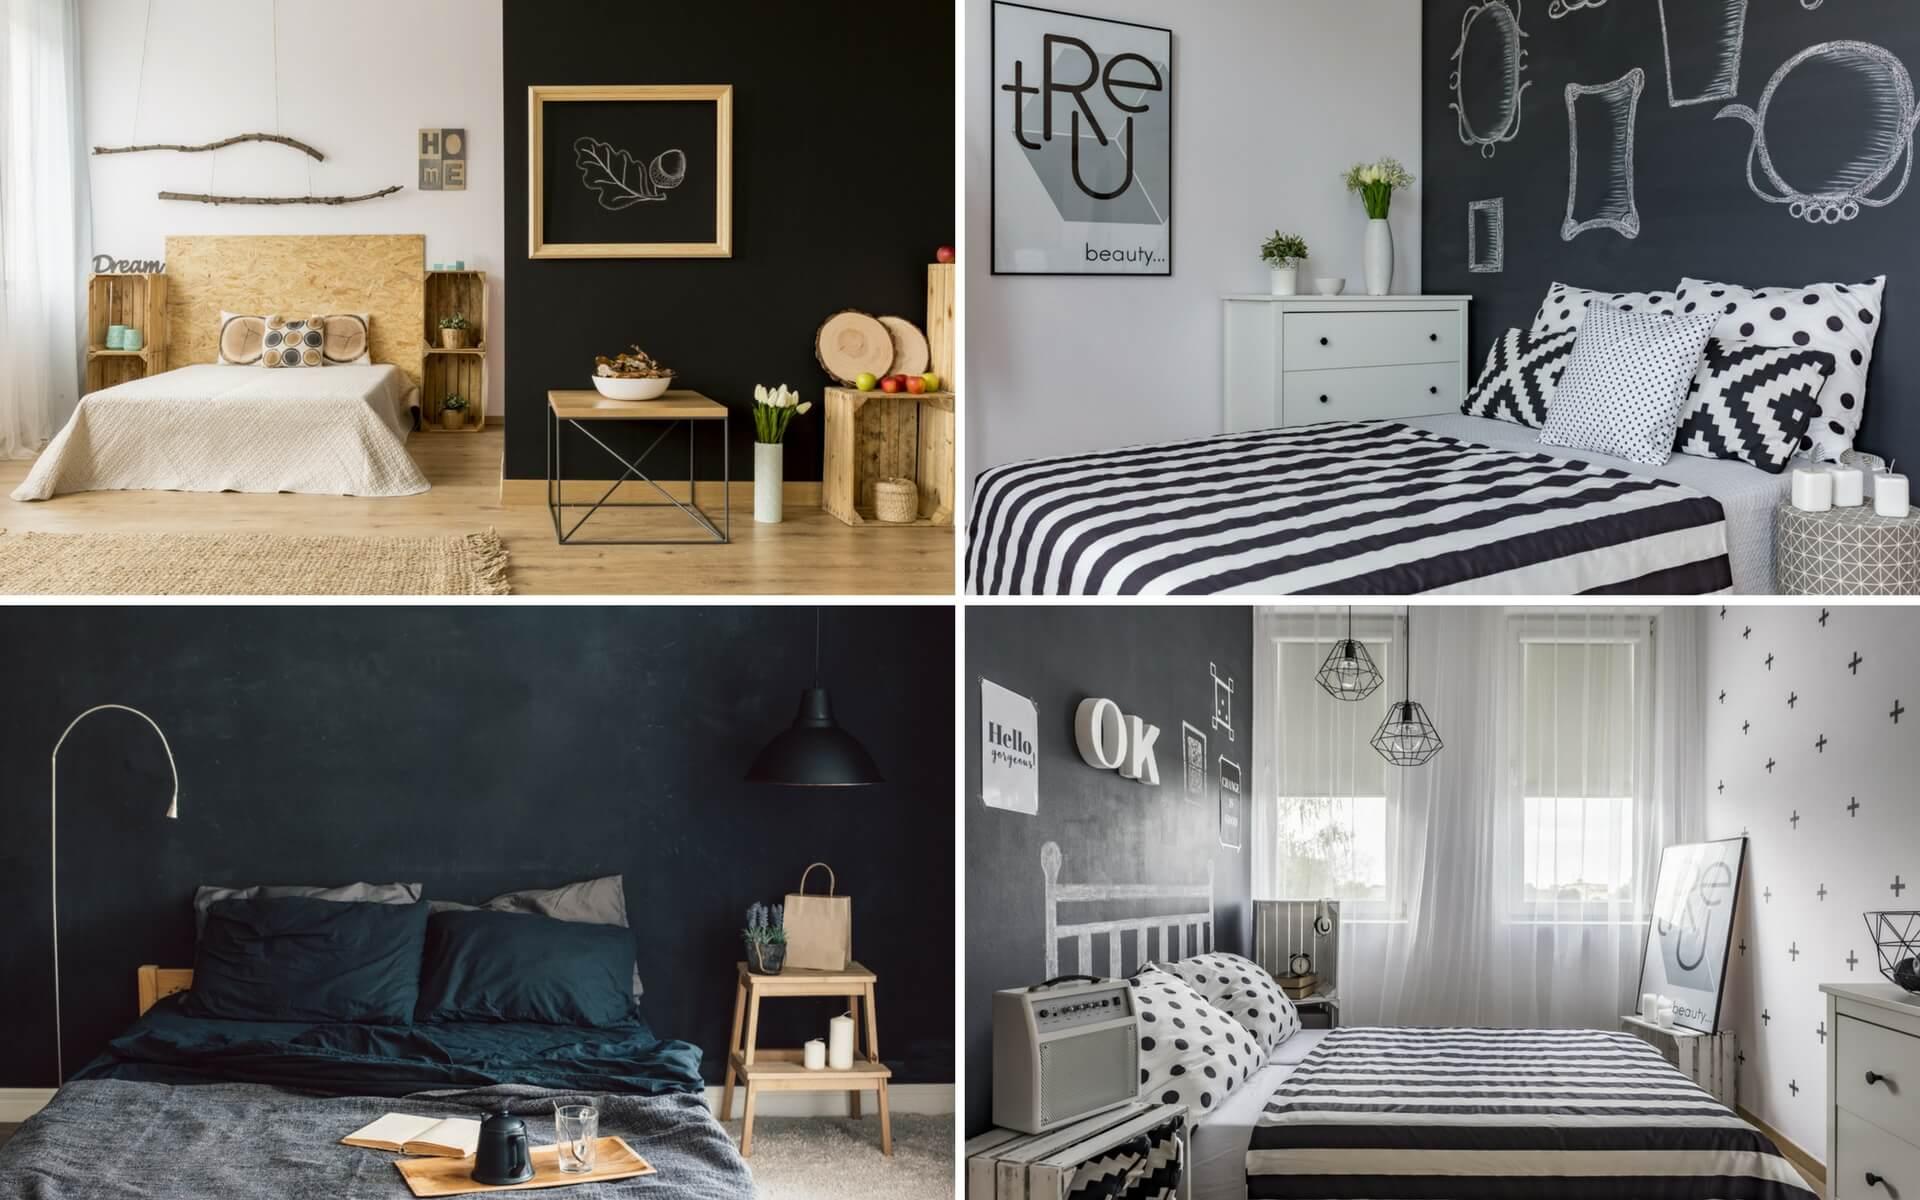 Decorare le pareti con vernice lavagna | Blog Oknoplast